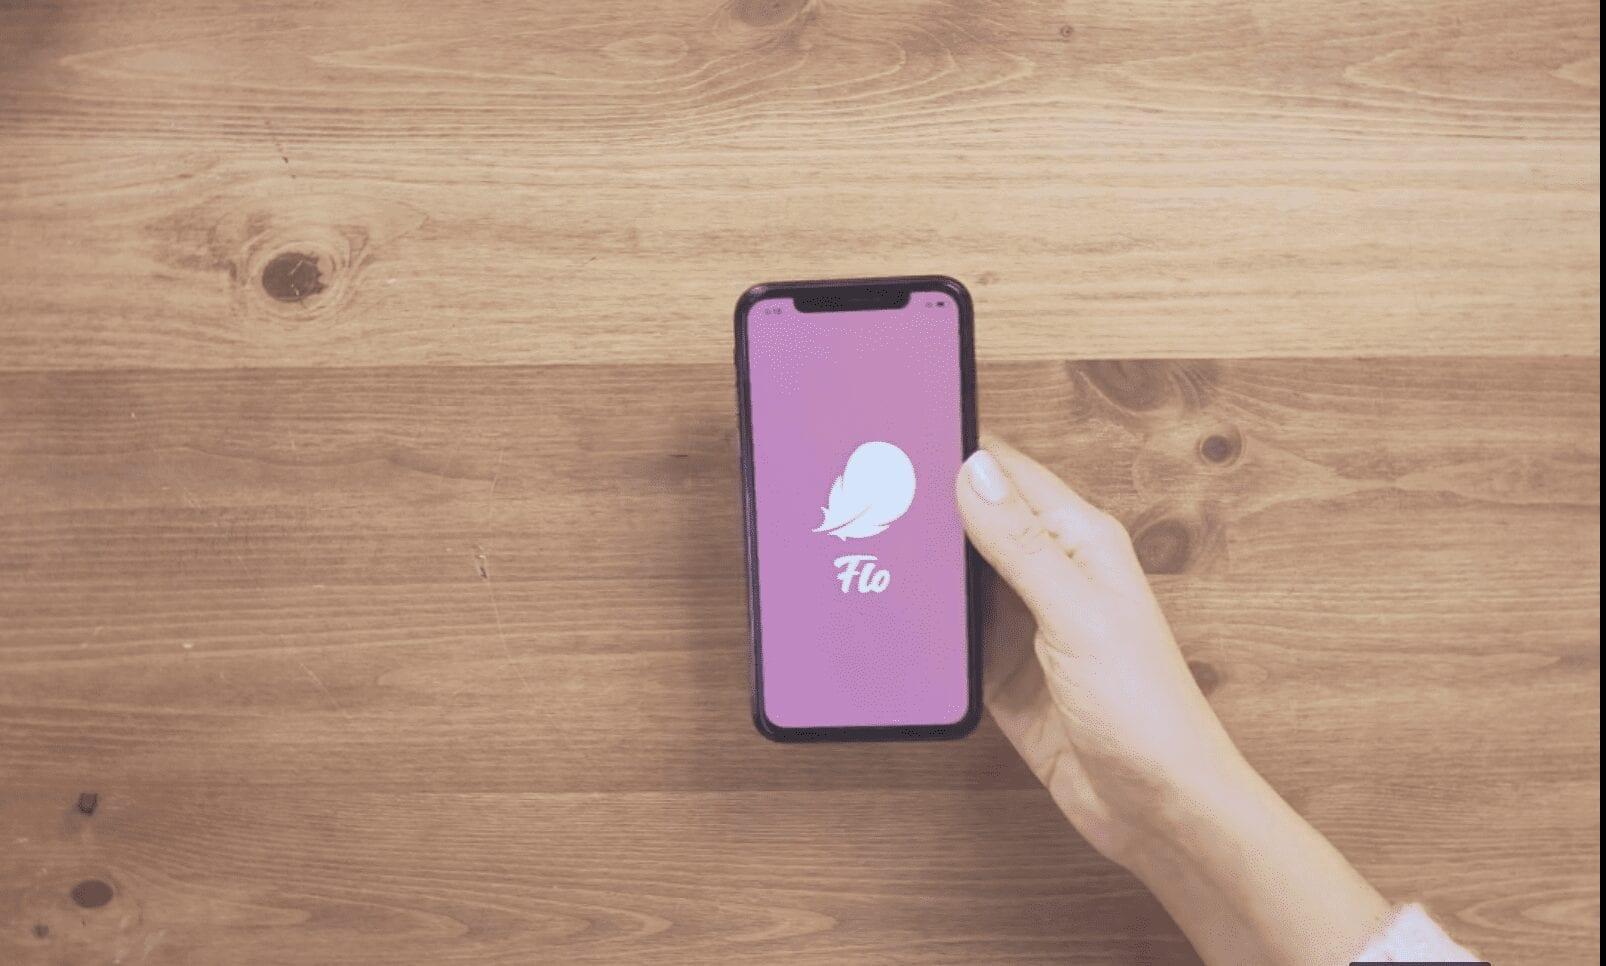 UA creative video for Flo App (V2)